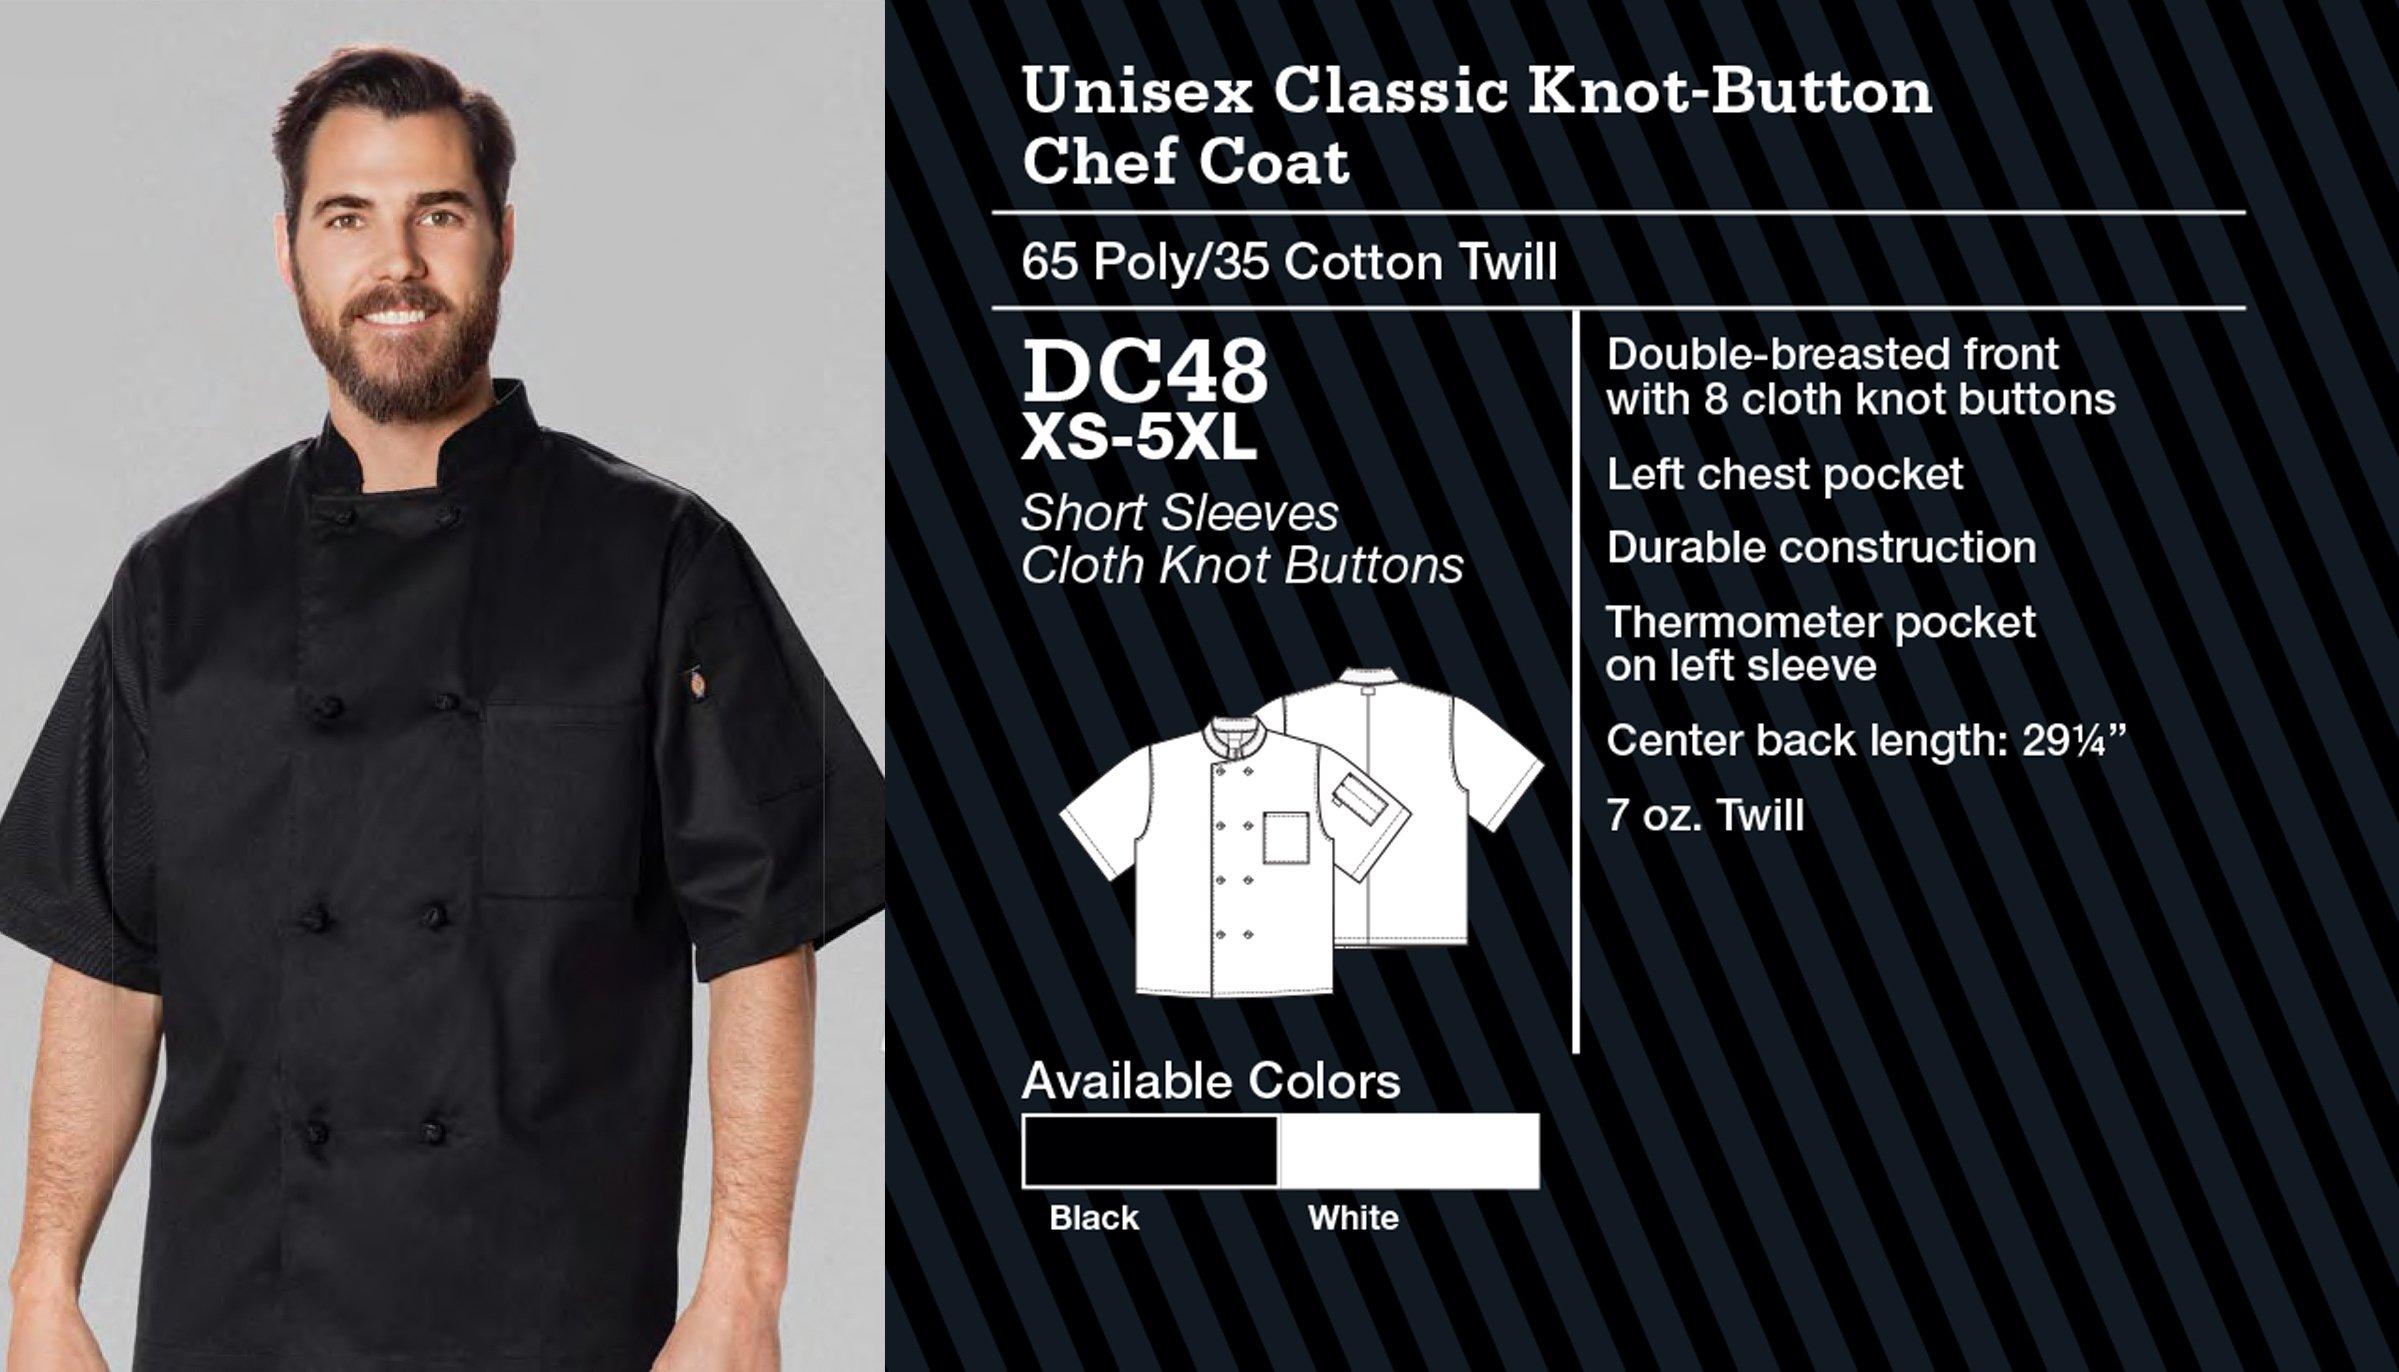 Abrigo de Chef Clásico Unisex, Botón de Nudo.  Manga Corta. DC48.